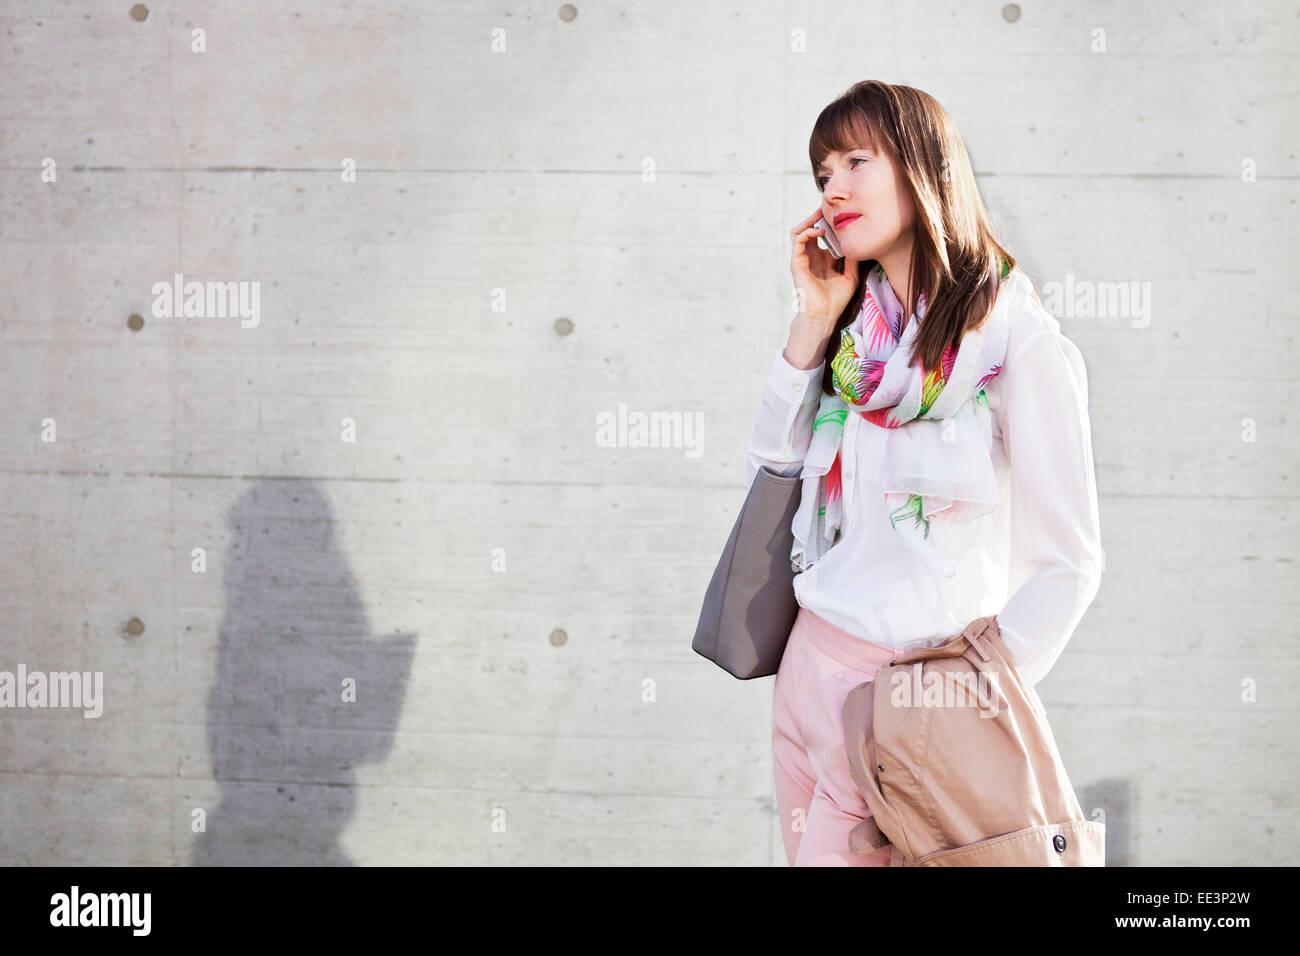 Jeune femme à l'aide de l'extérieur, Munich, Bavière, Allemagne Photo Stock